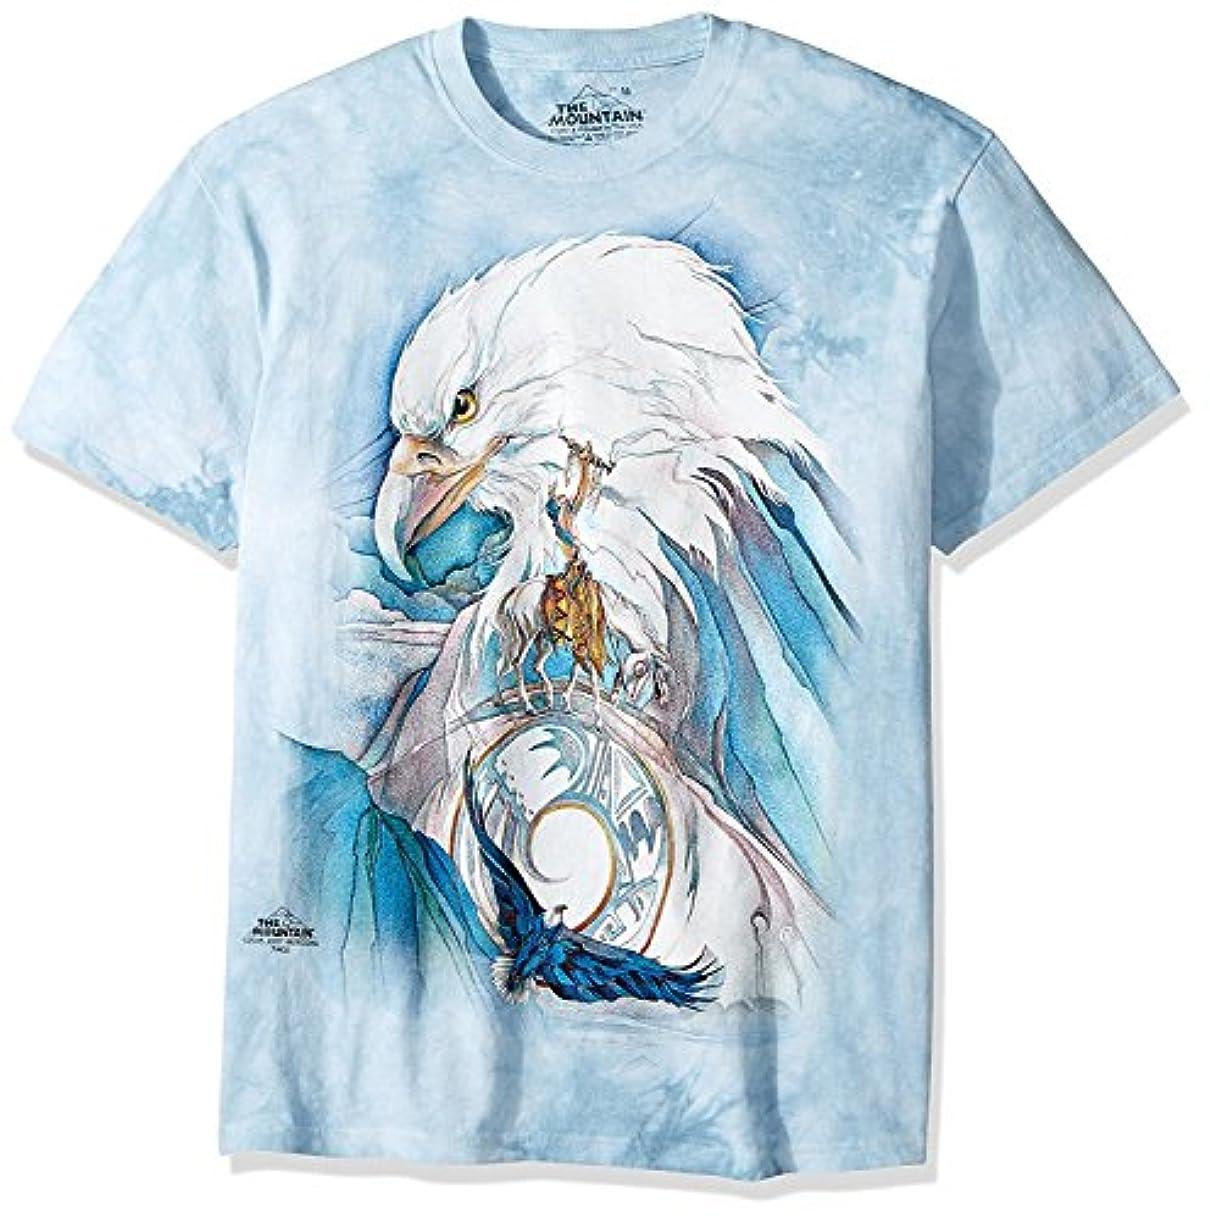 明日反応する回復するThe MountainメンズPeace at Last Tシャツ